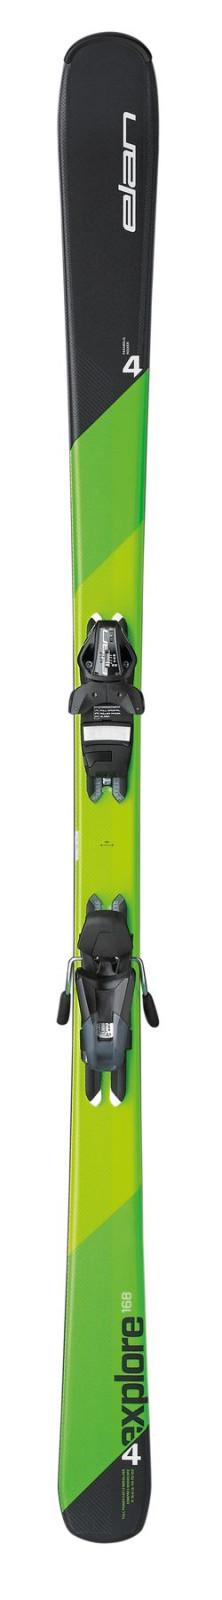 Rekreační sjezdové lyže Elan Explore 4 Light Shif